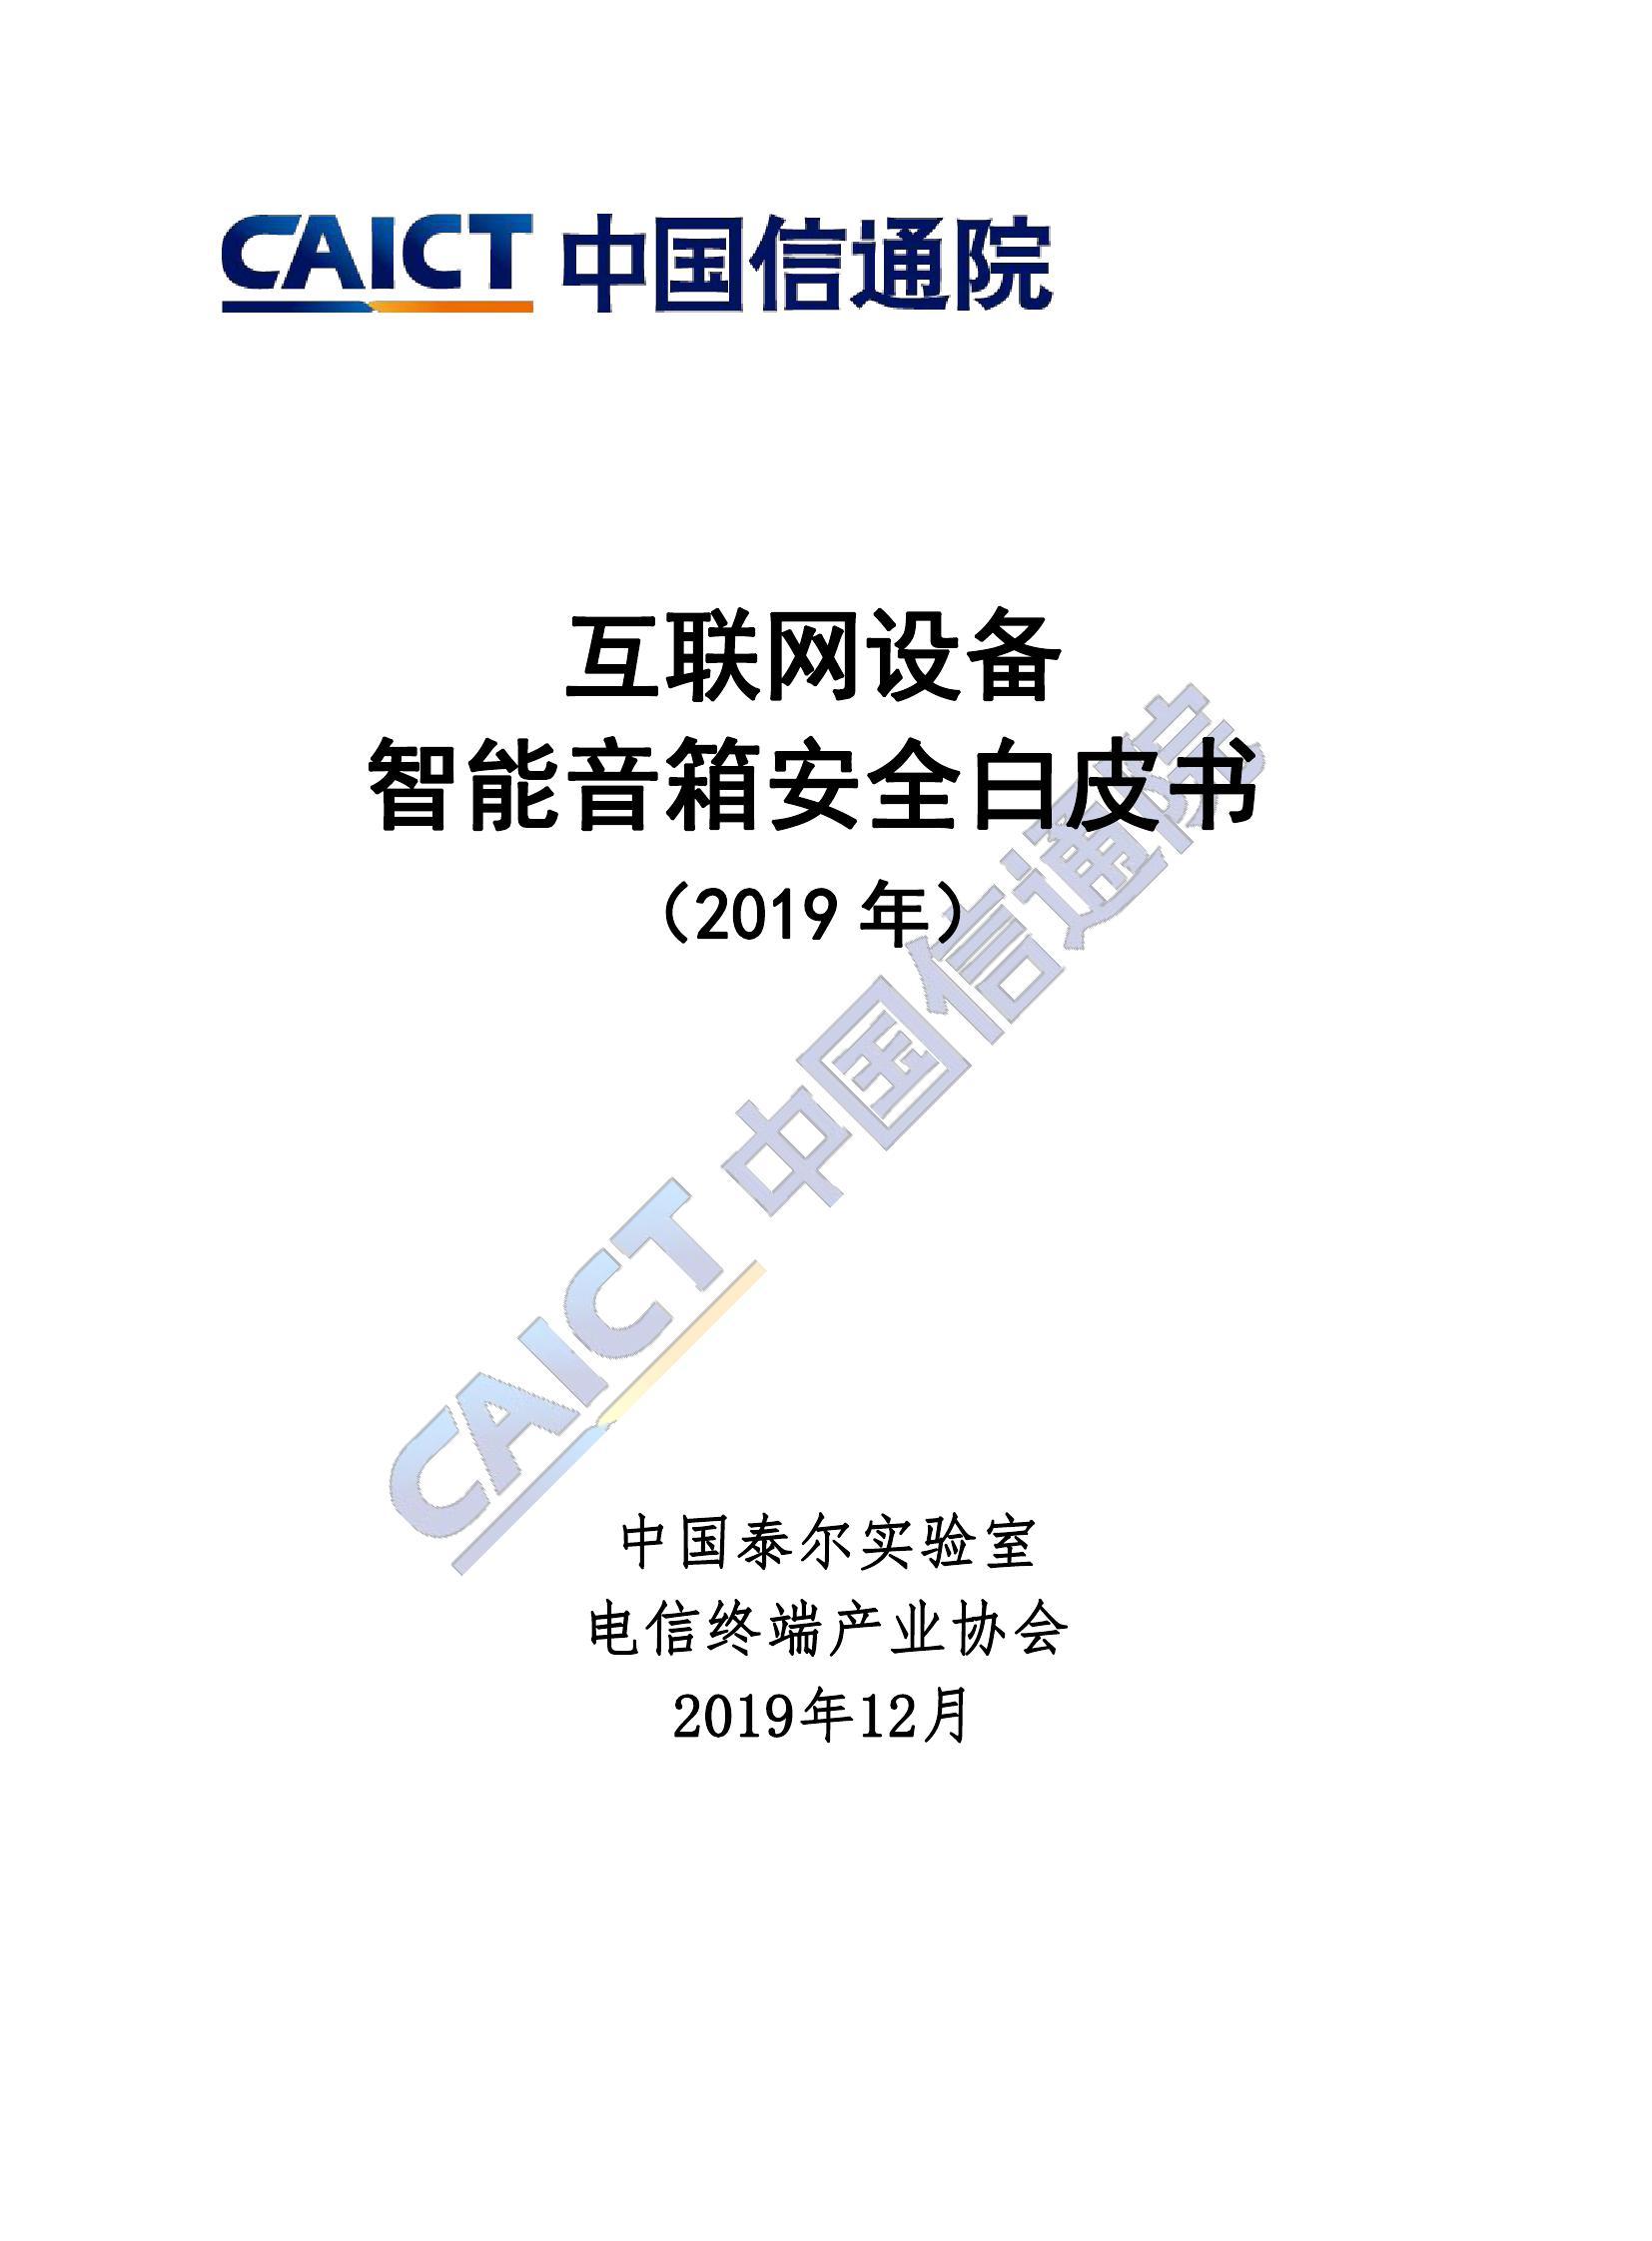 中国信通院:2019年互联网设备智能音箱安全白皮书(附下载)